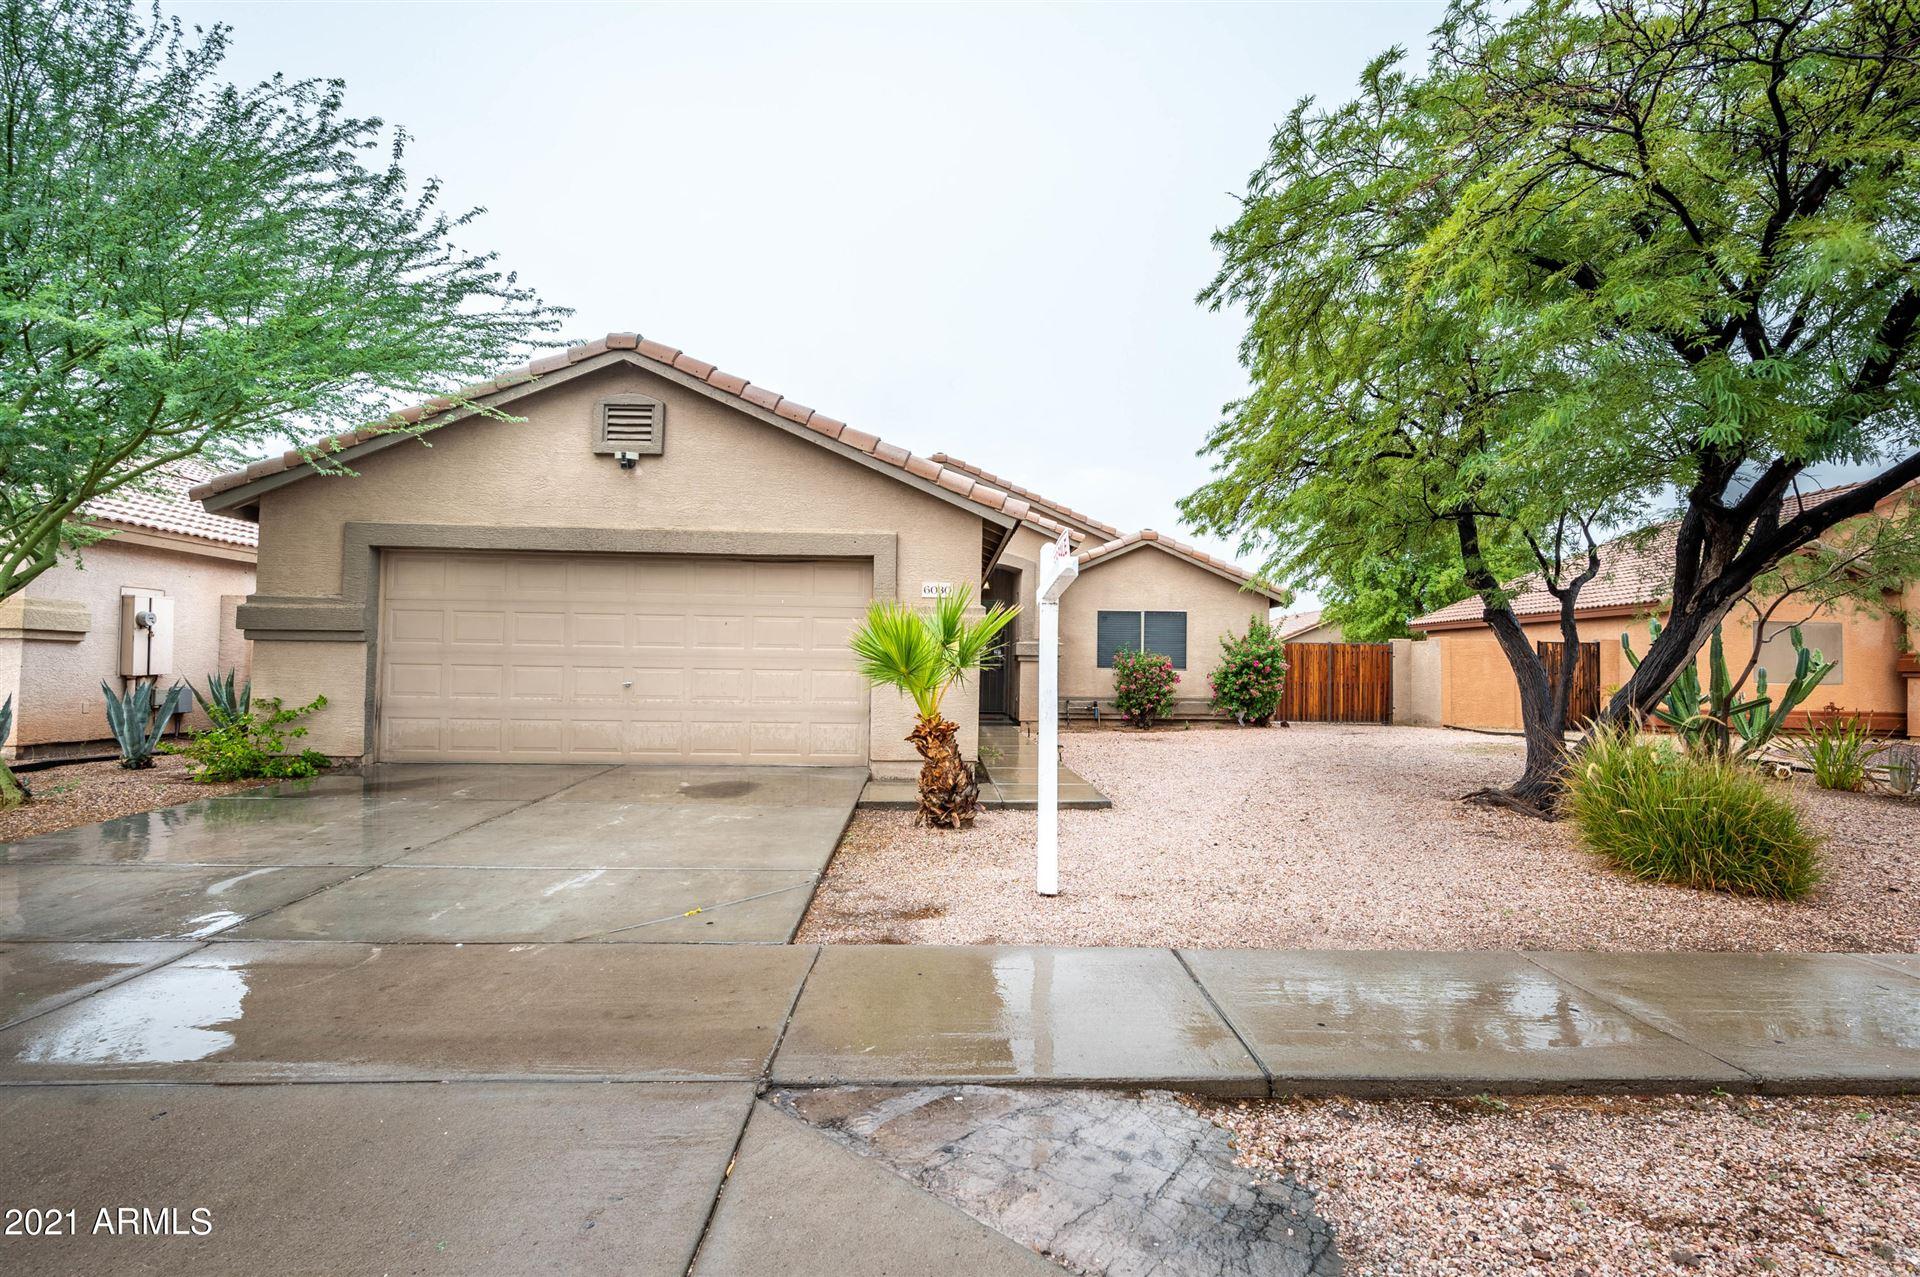 6030 S 12TH Drive, Phoenix, AZ 85041 - MLS#: 6269666